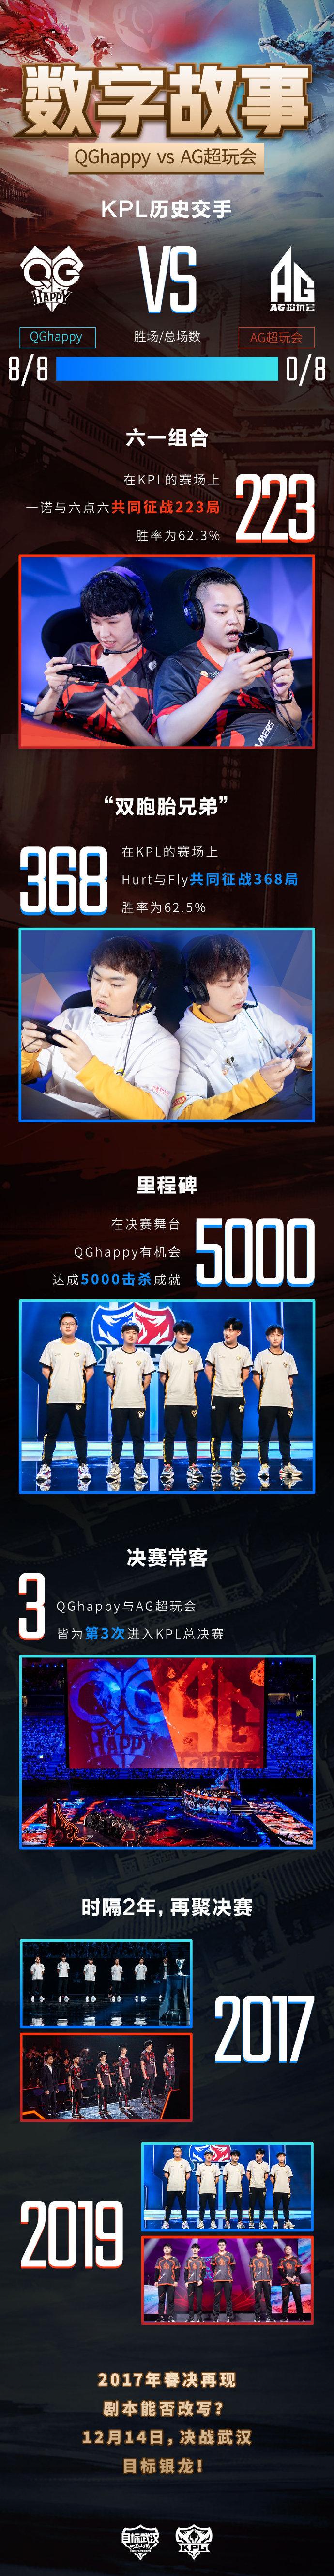 《王者荣耀》KPL决赛:QGhappy与AG超玩会的数字故事